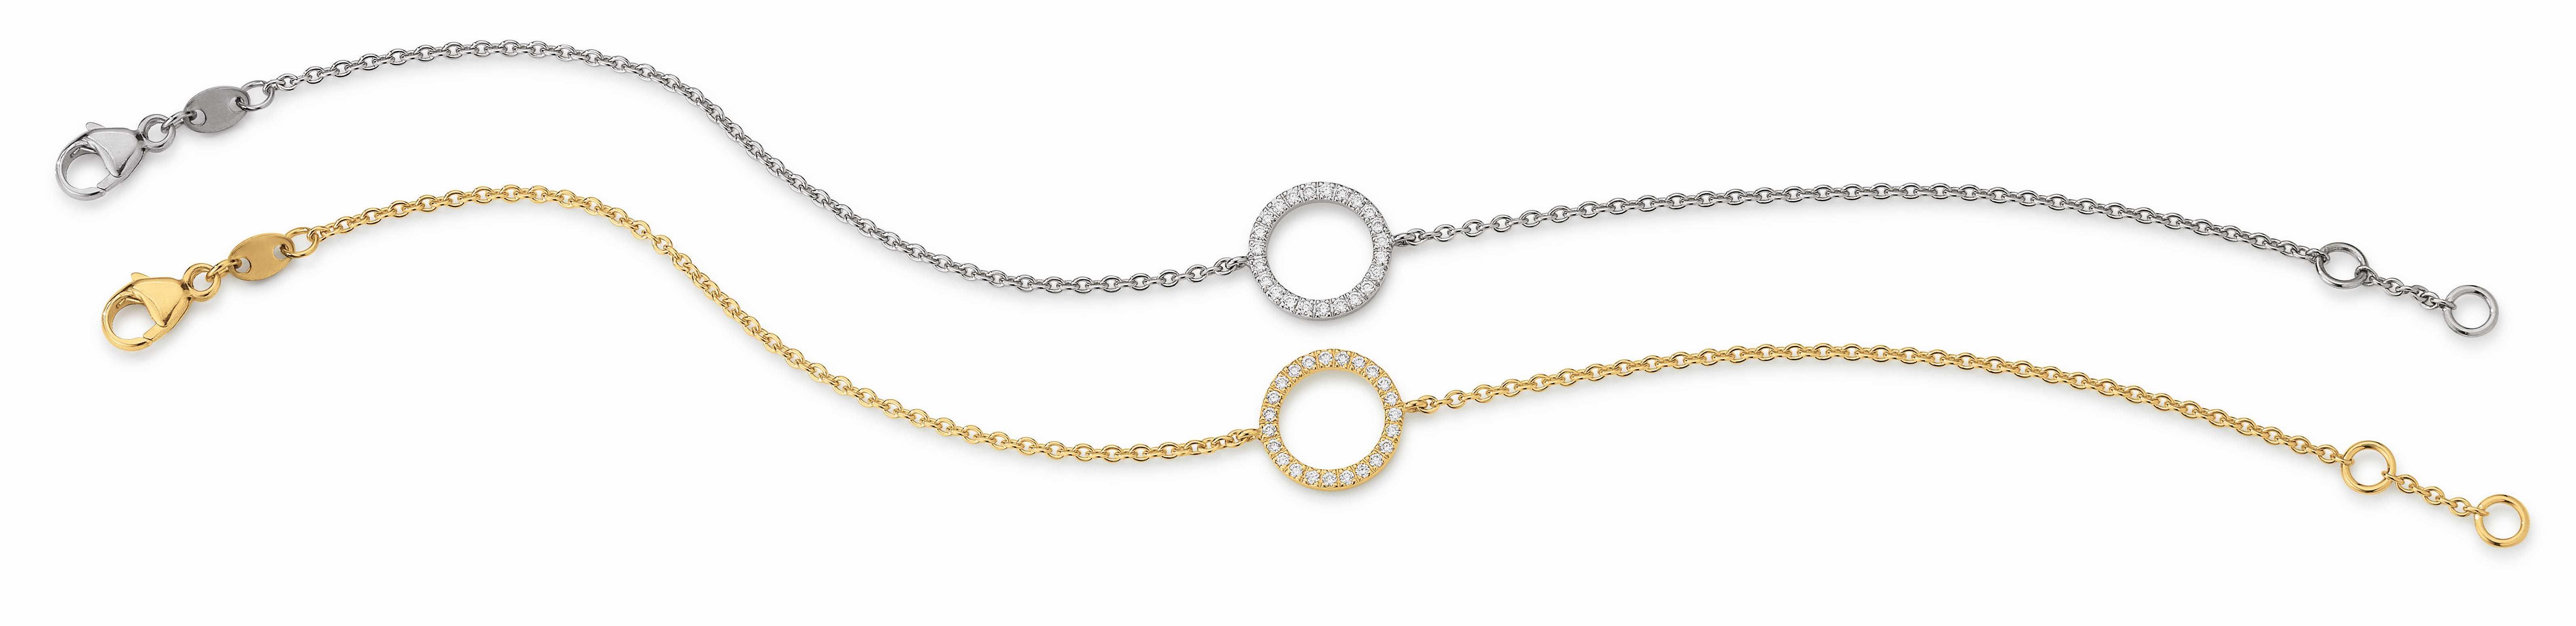 41 6525 071 | Armband/ Kleiner Ring 10mm/ 0,12ct | Lieferbar in den Legierungen 14kt und 18kt in Gelb / Weiß / Rotgold. Farbkombinationen (z.B. Kette Weiß / Ring Rot o. ä. möglich!)